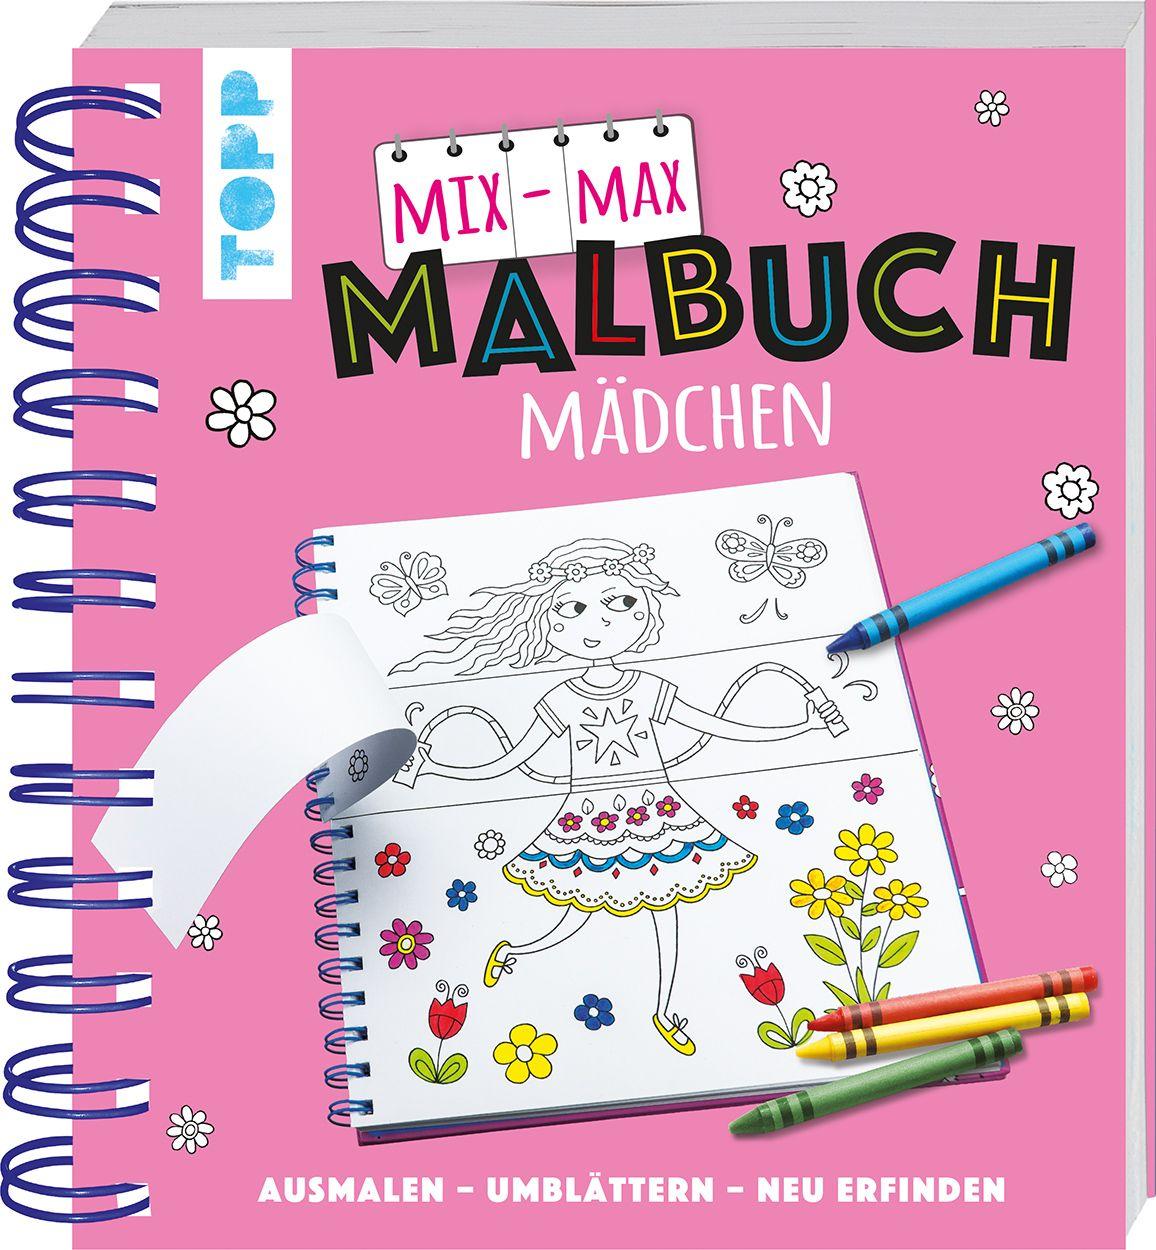 Mix-Max-Malbuch Mädchen von frechverlag: ausmalen - umblättern - neu